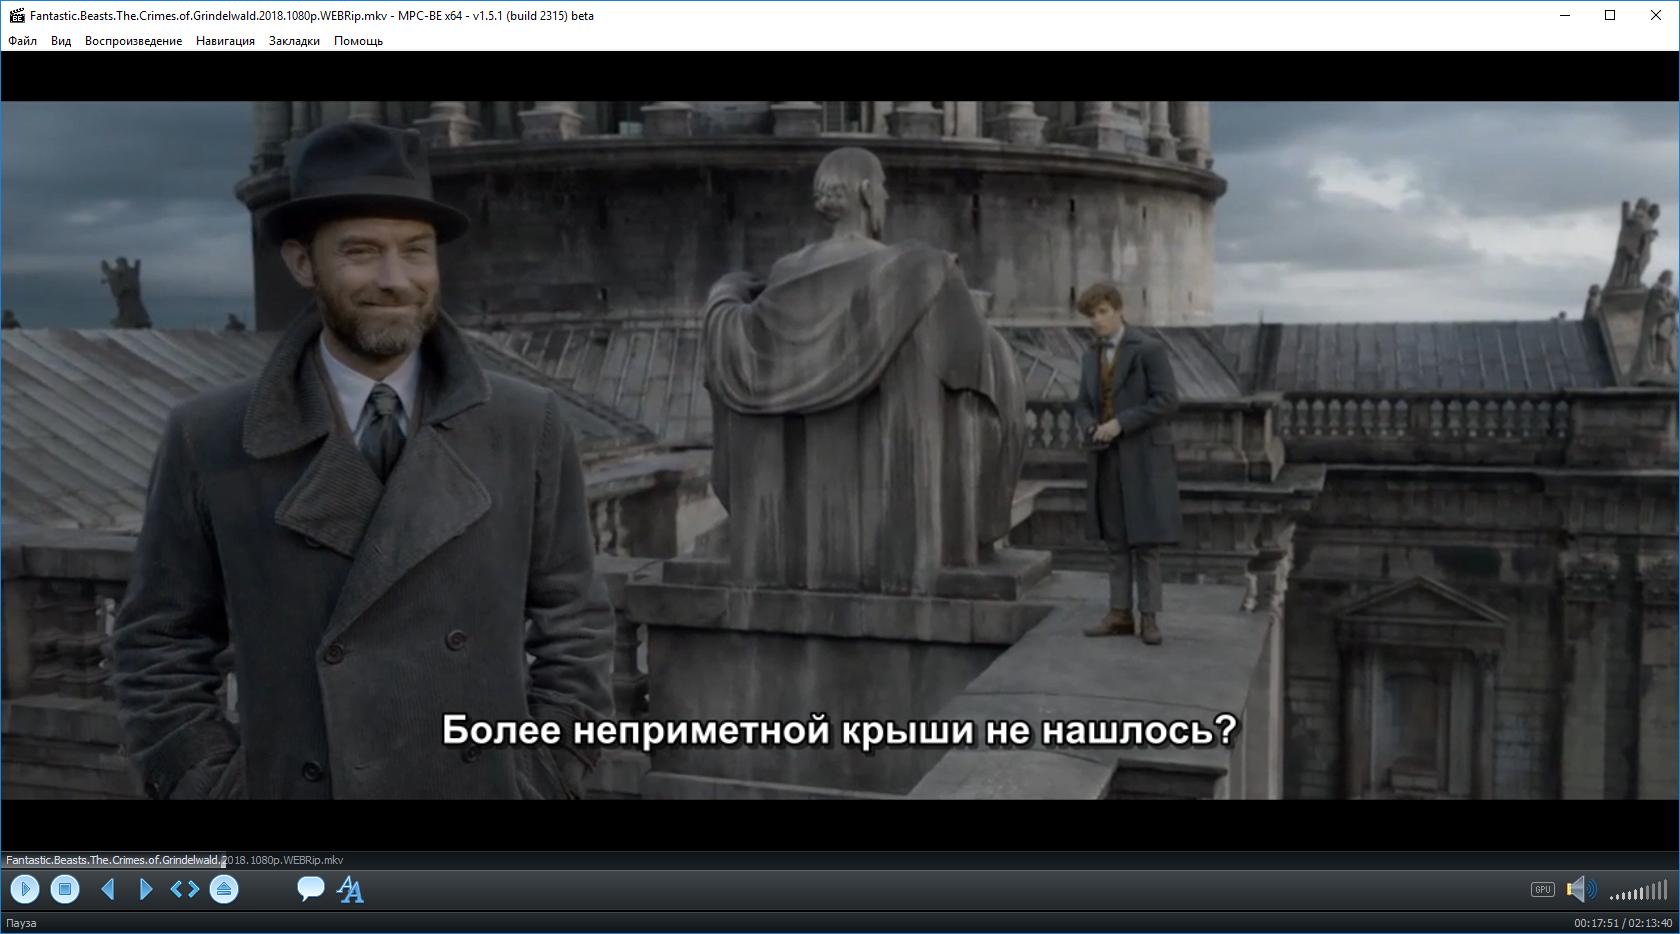 Фантастические твари: Преступления Грин-де-Вальда / Fantastic Beasts: The Crimes of Grindelwald (2018/WEBRip) 1080p | Sub, UKR